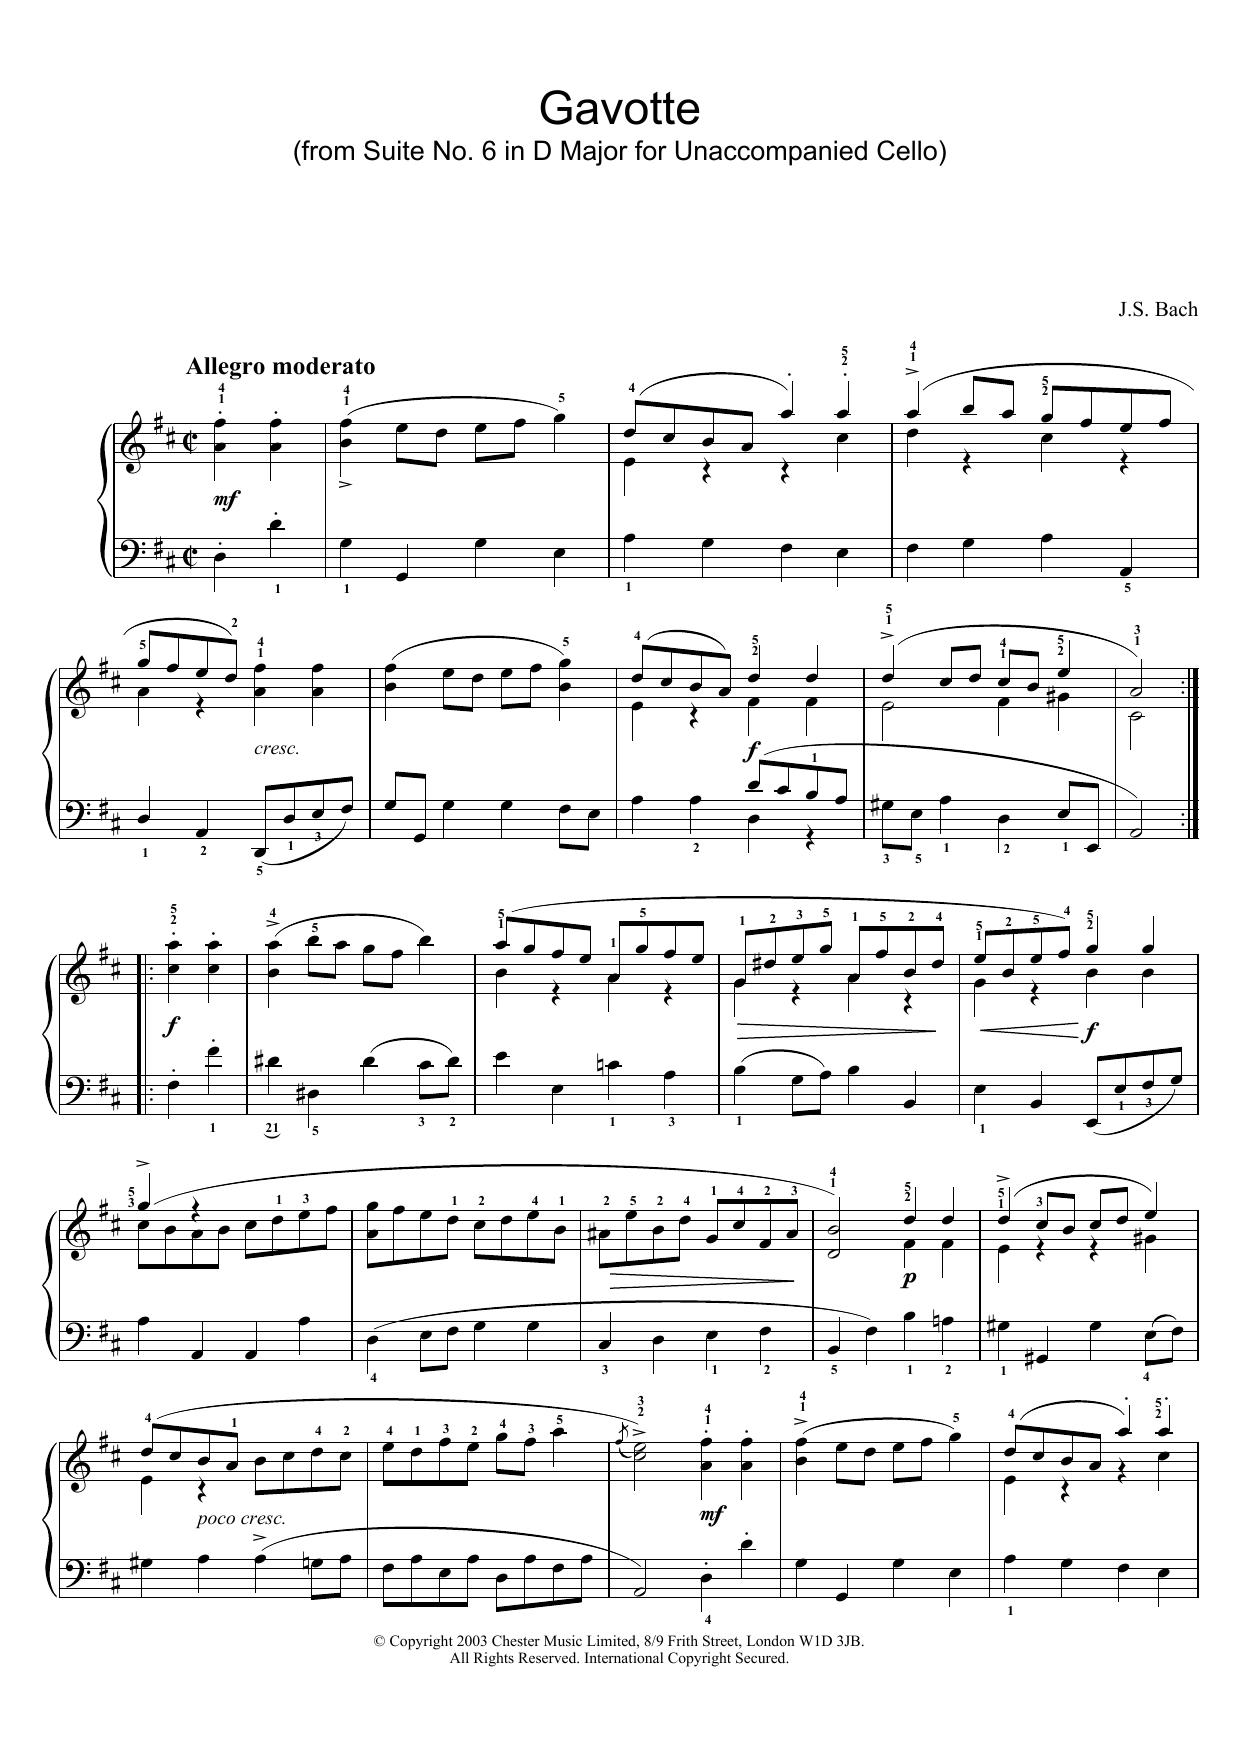 Gavotte (from Suite No. 6 in D Major for Unaccompanied Cello) (Piano Solo)